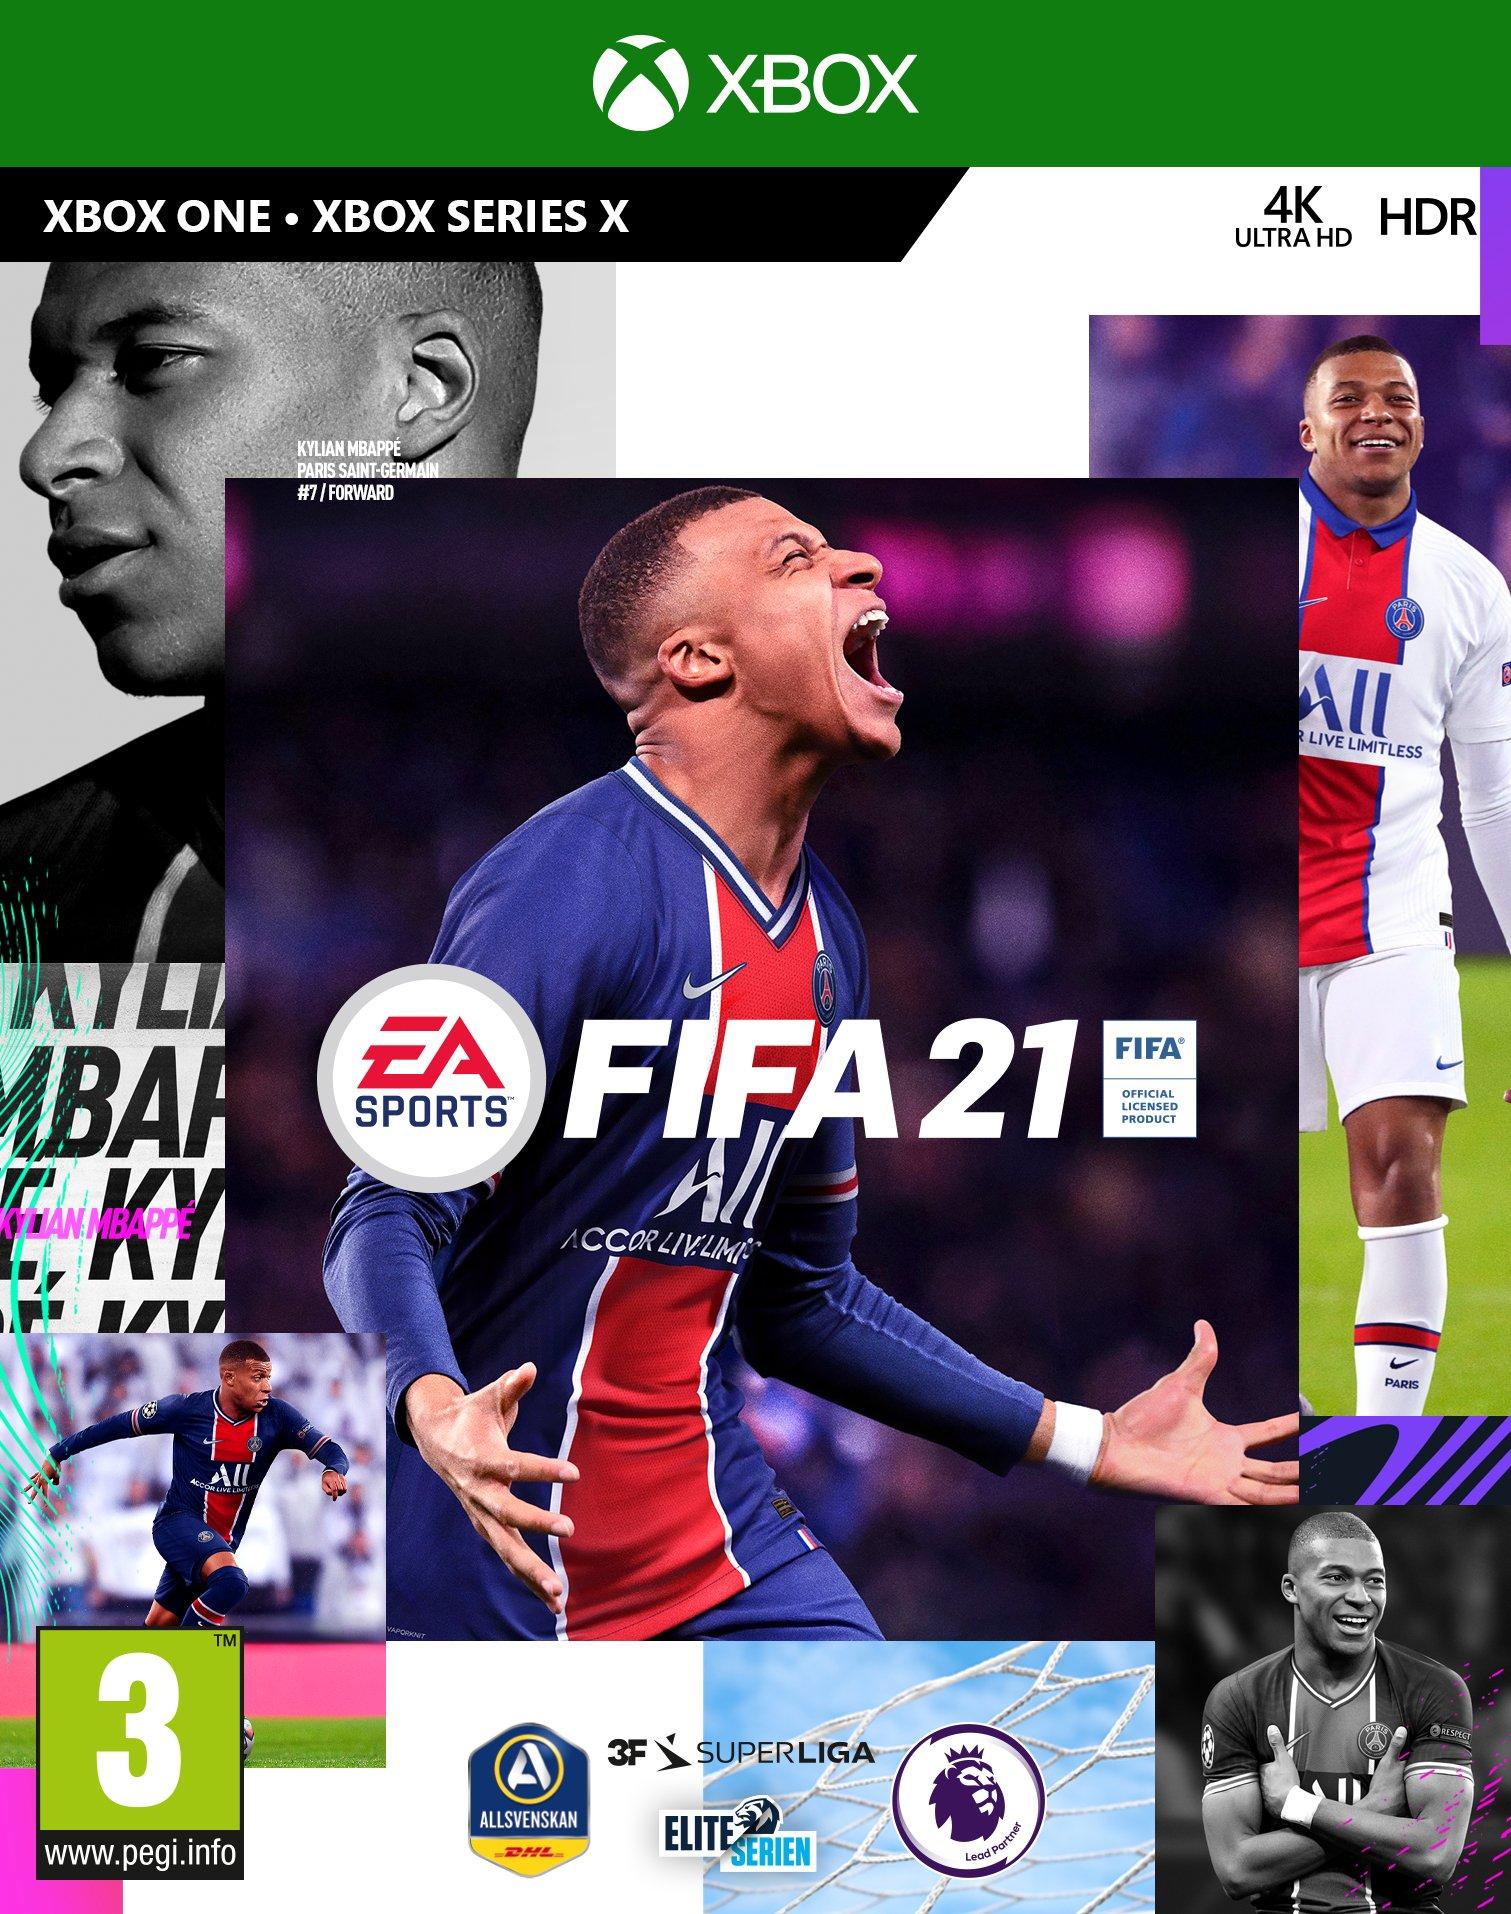 FIFA 21 (Nordic) - Includes XBOX Series X Version